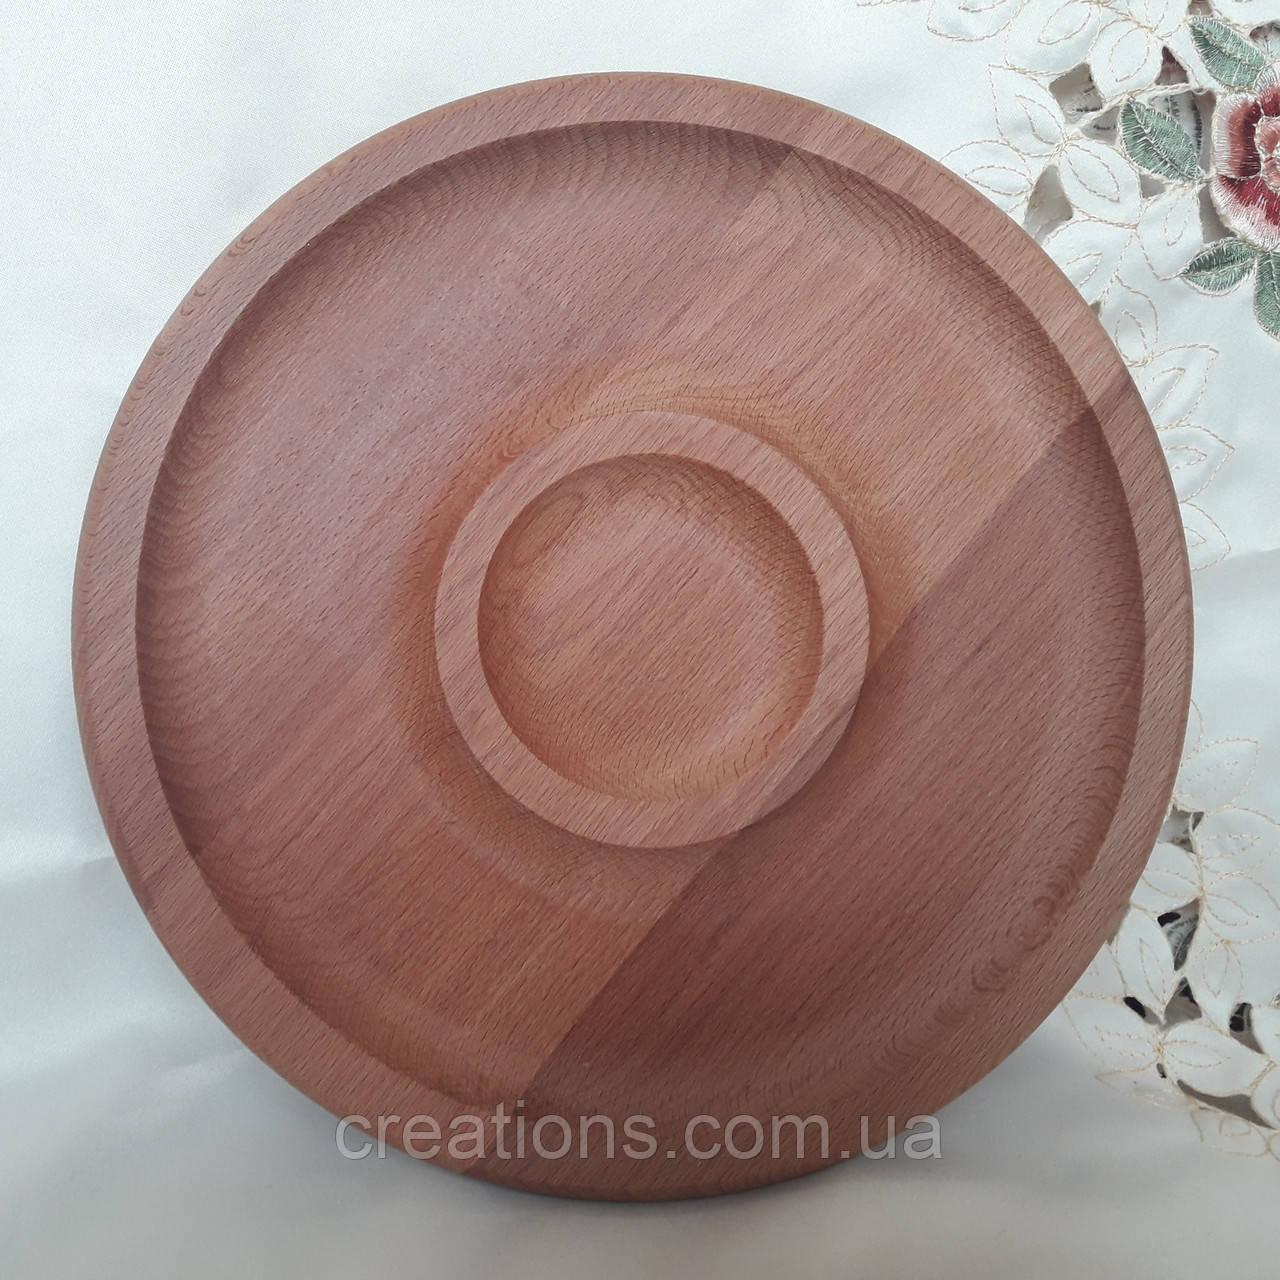 Менажница деревянная 26 см. круглая с соусницей из бука БМ-34